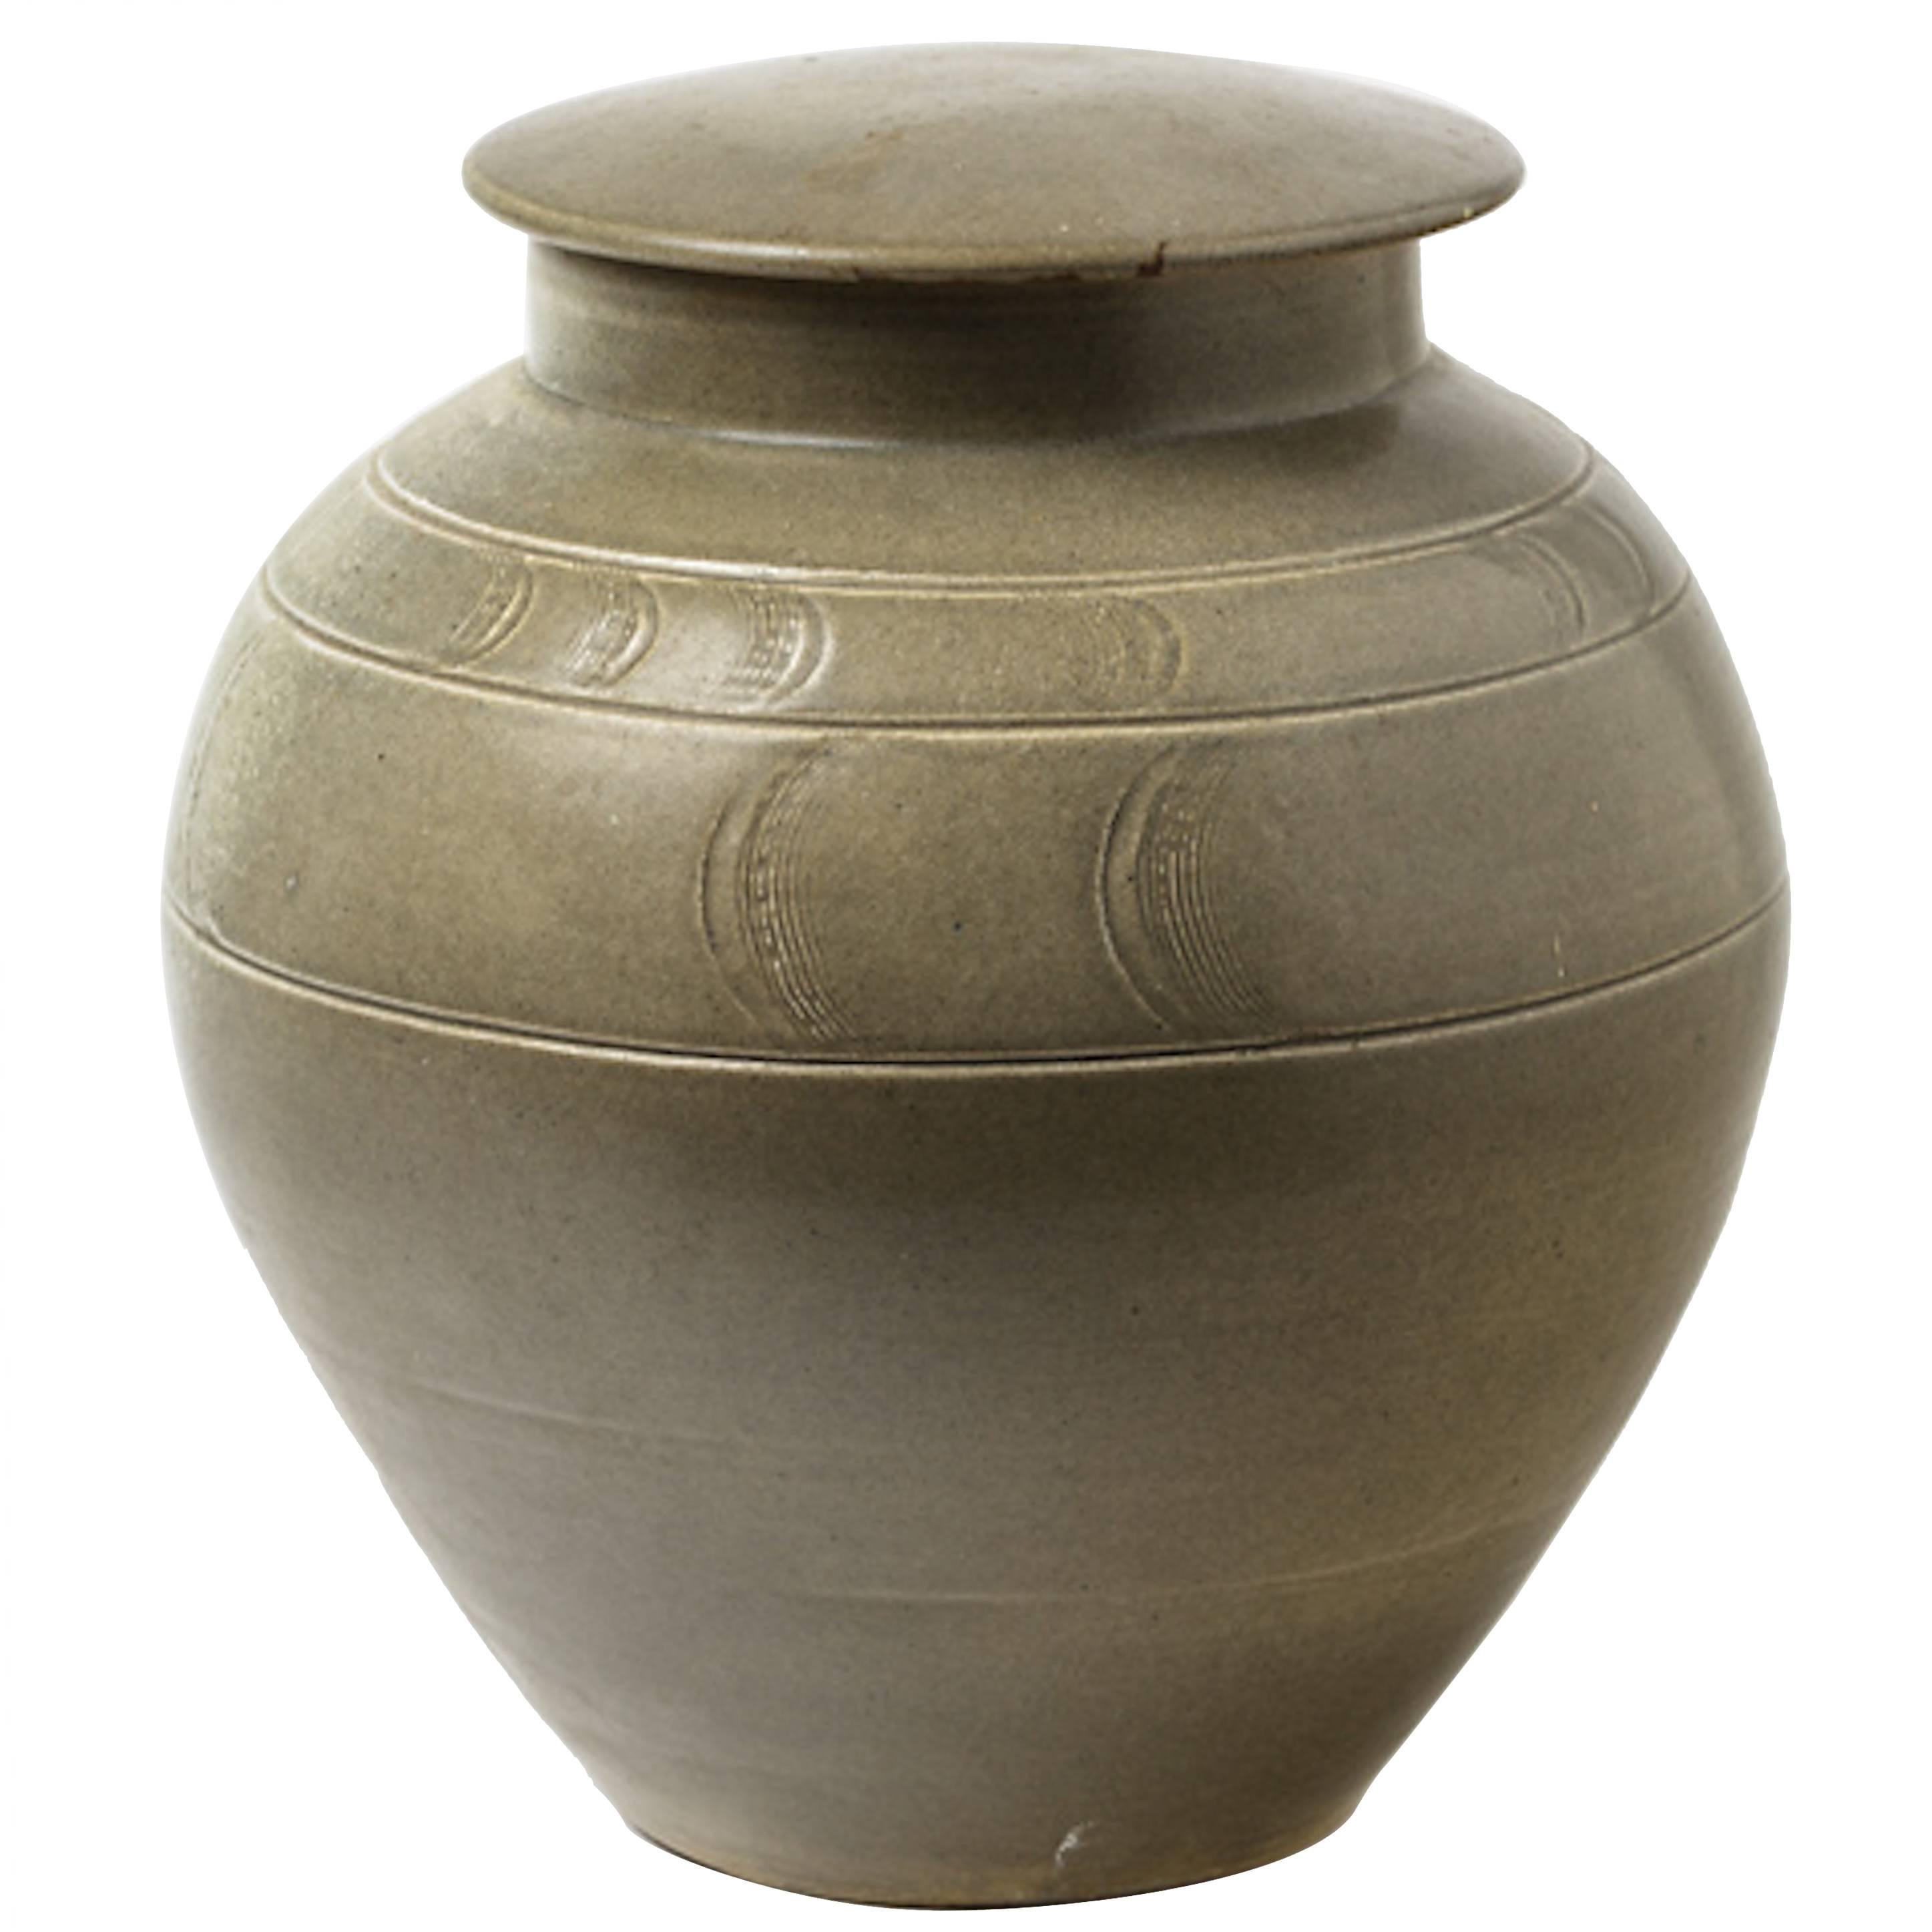 green ceramic Stoneware Pot by Antoine de Vinck, circa 1980